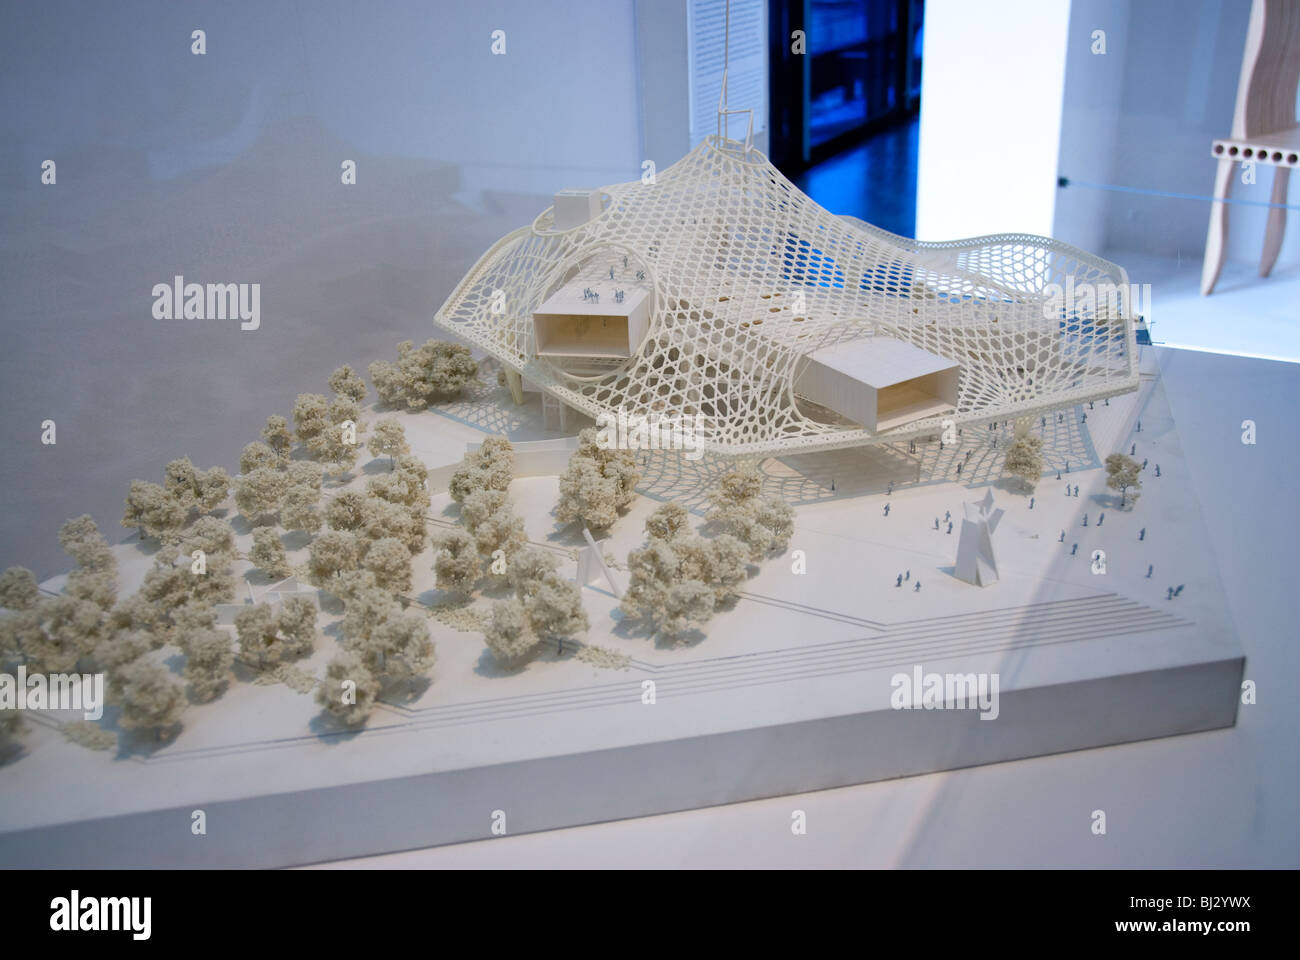 paris, france, modèle d'architecture sur l'affichage à l'intérieur